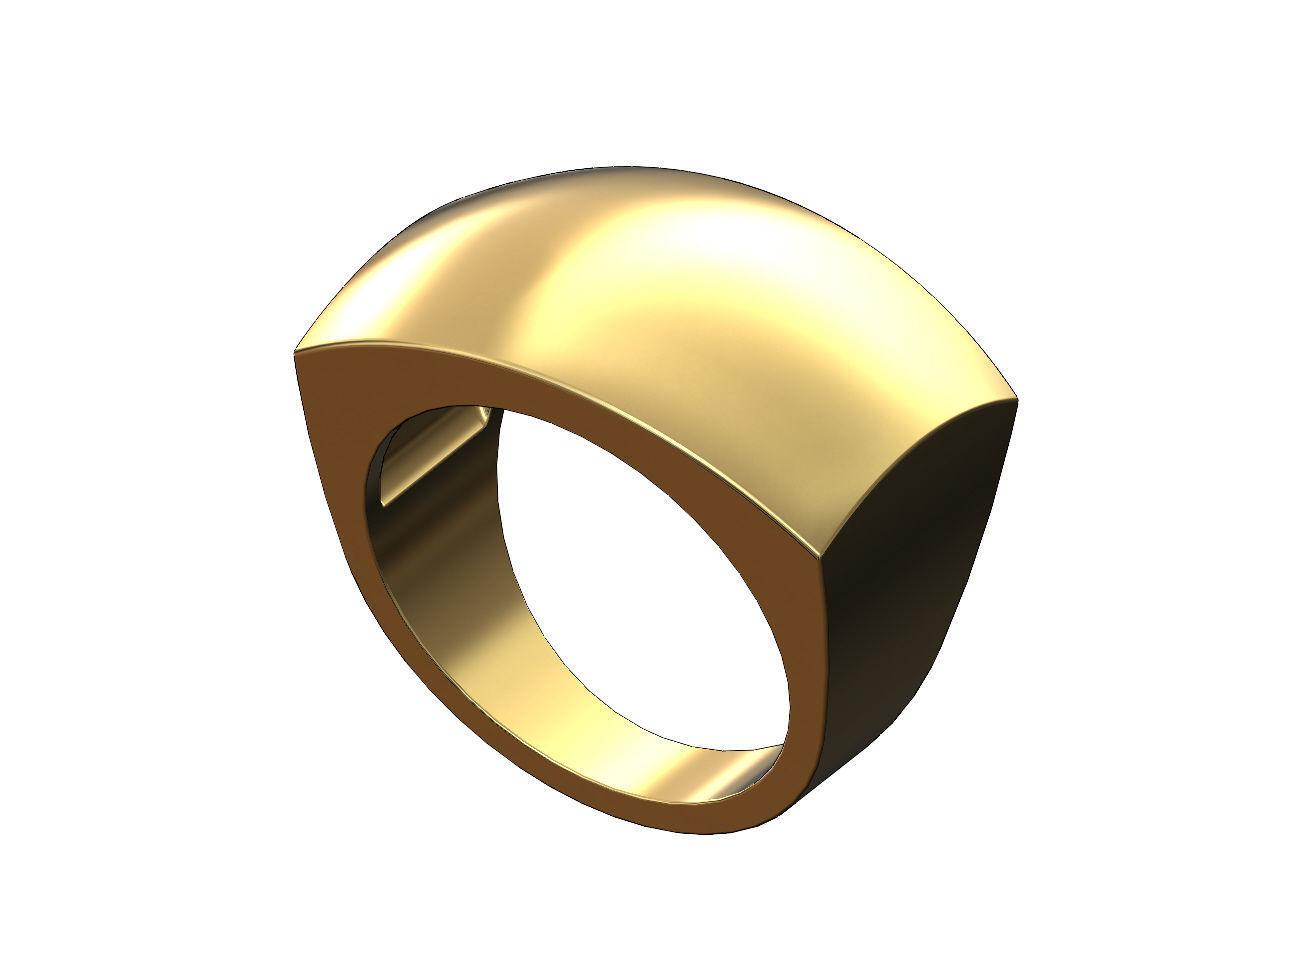 Large rectangular statement dome signet ring